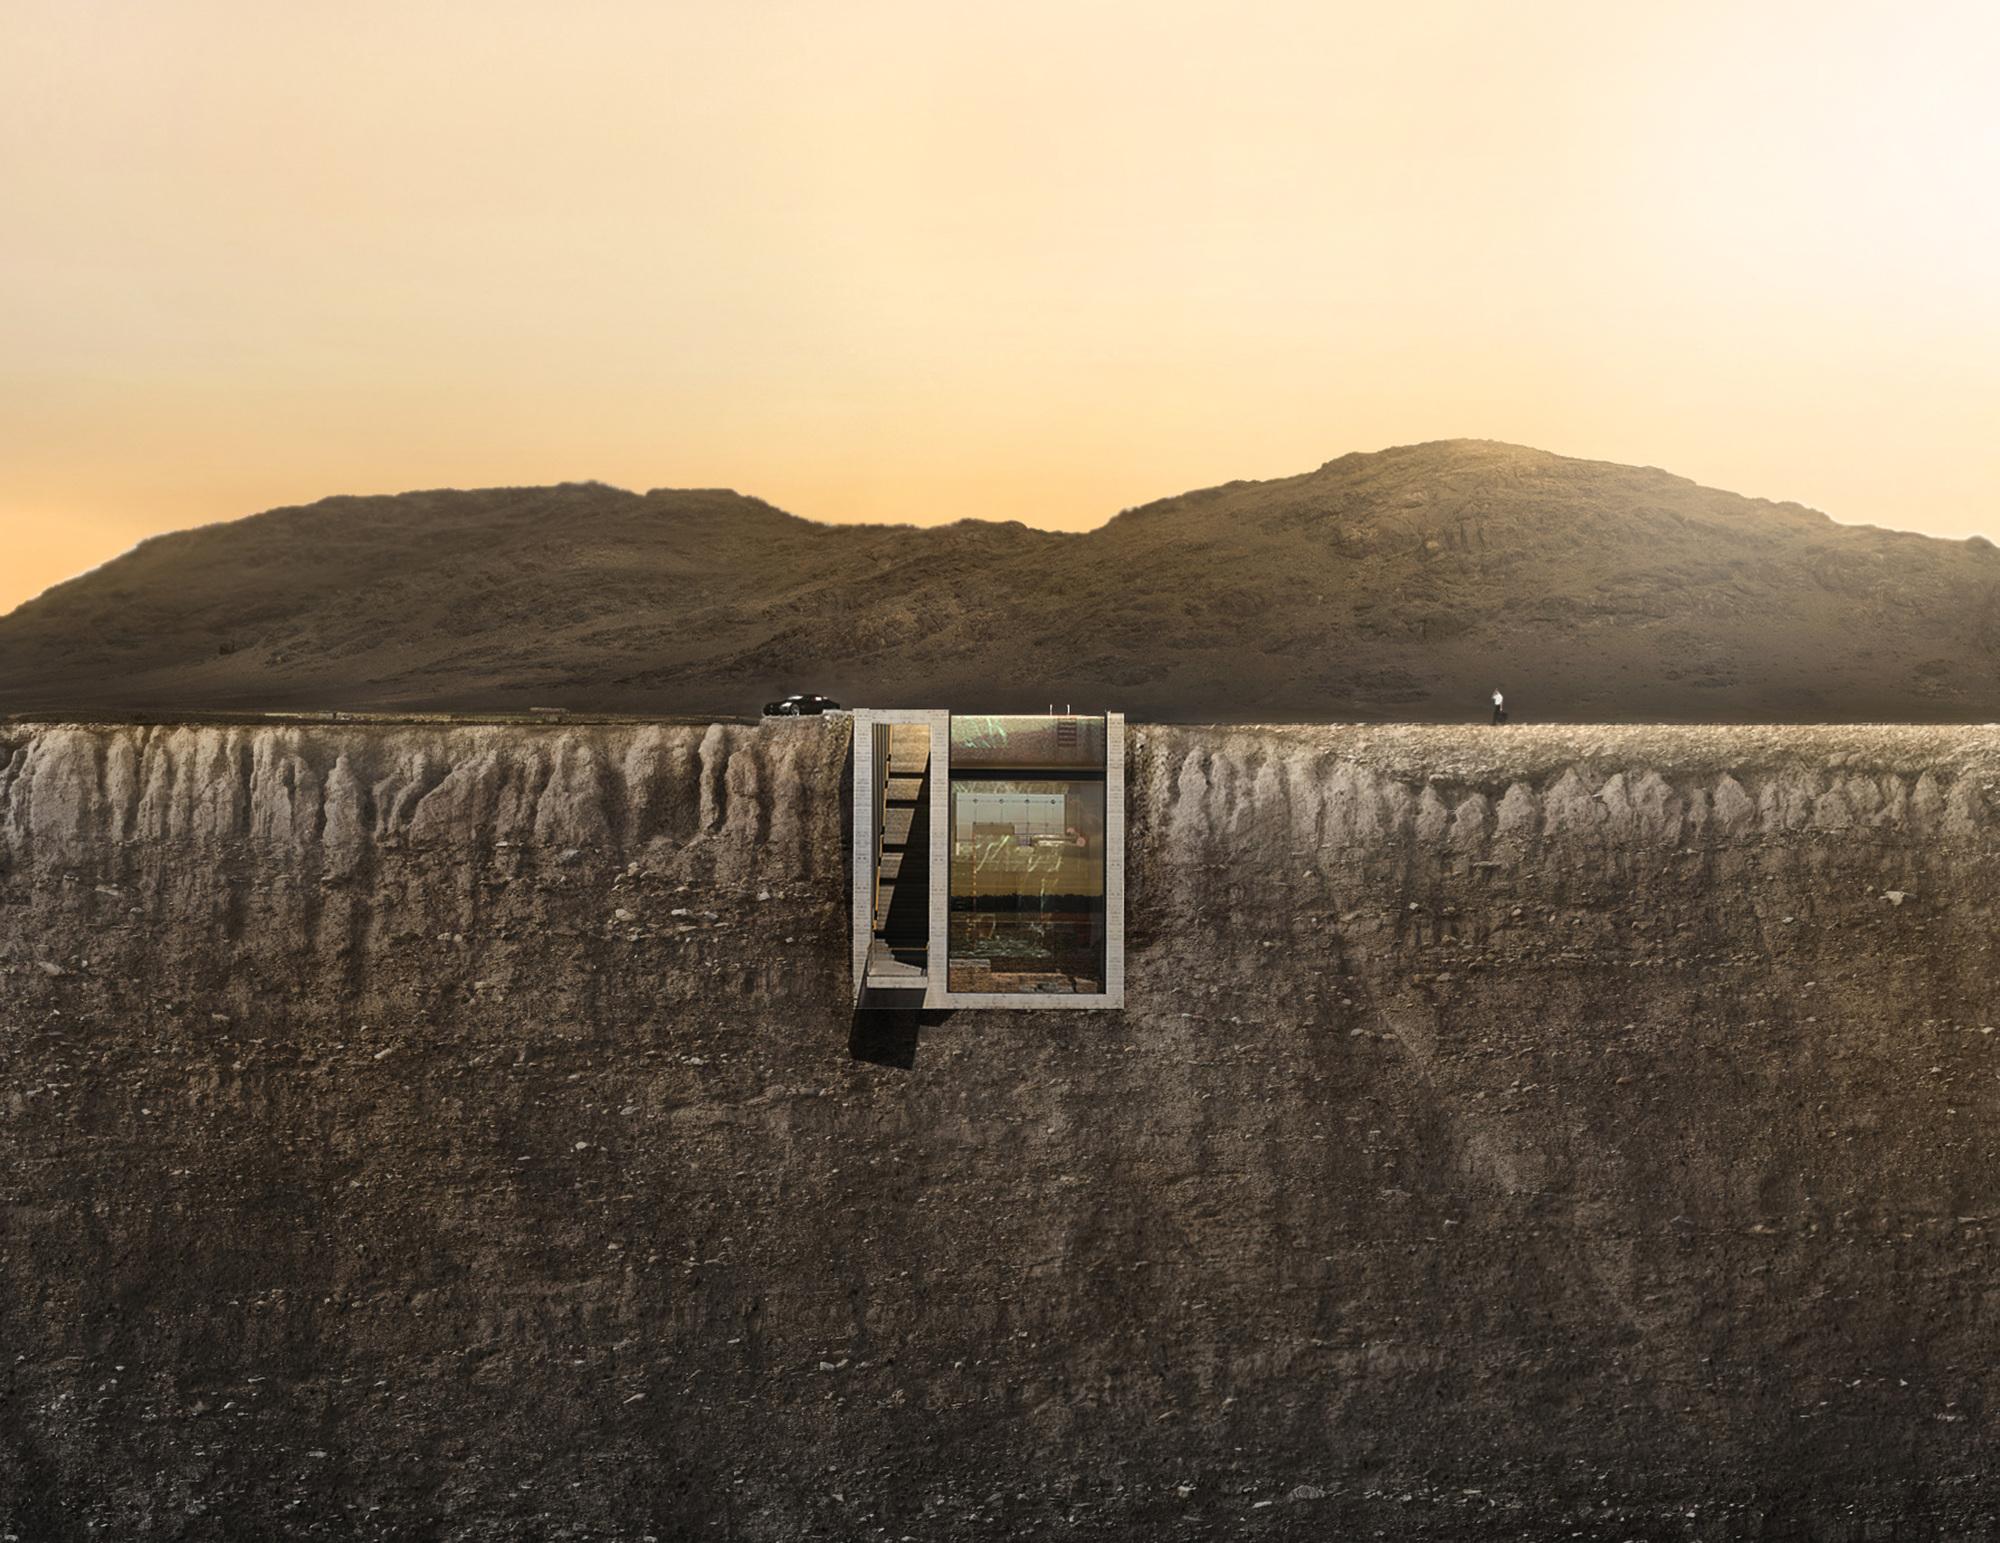 Vue aérienne de face de la casa brutale sous la lumière orangée du crépuscule grec.